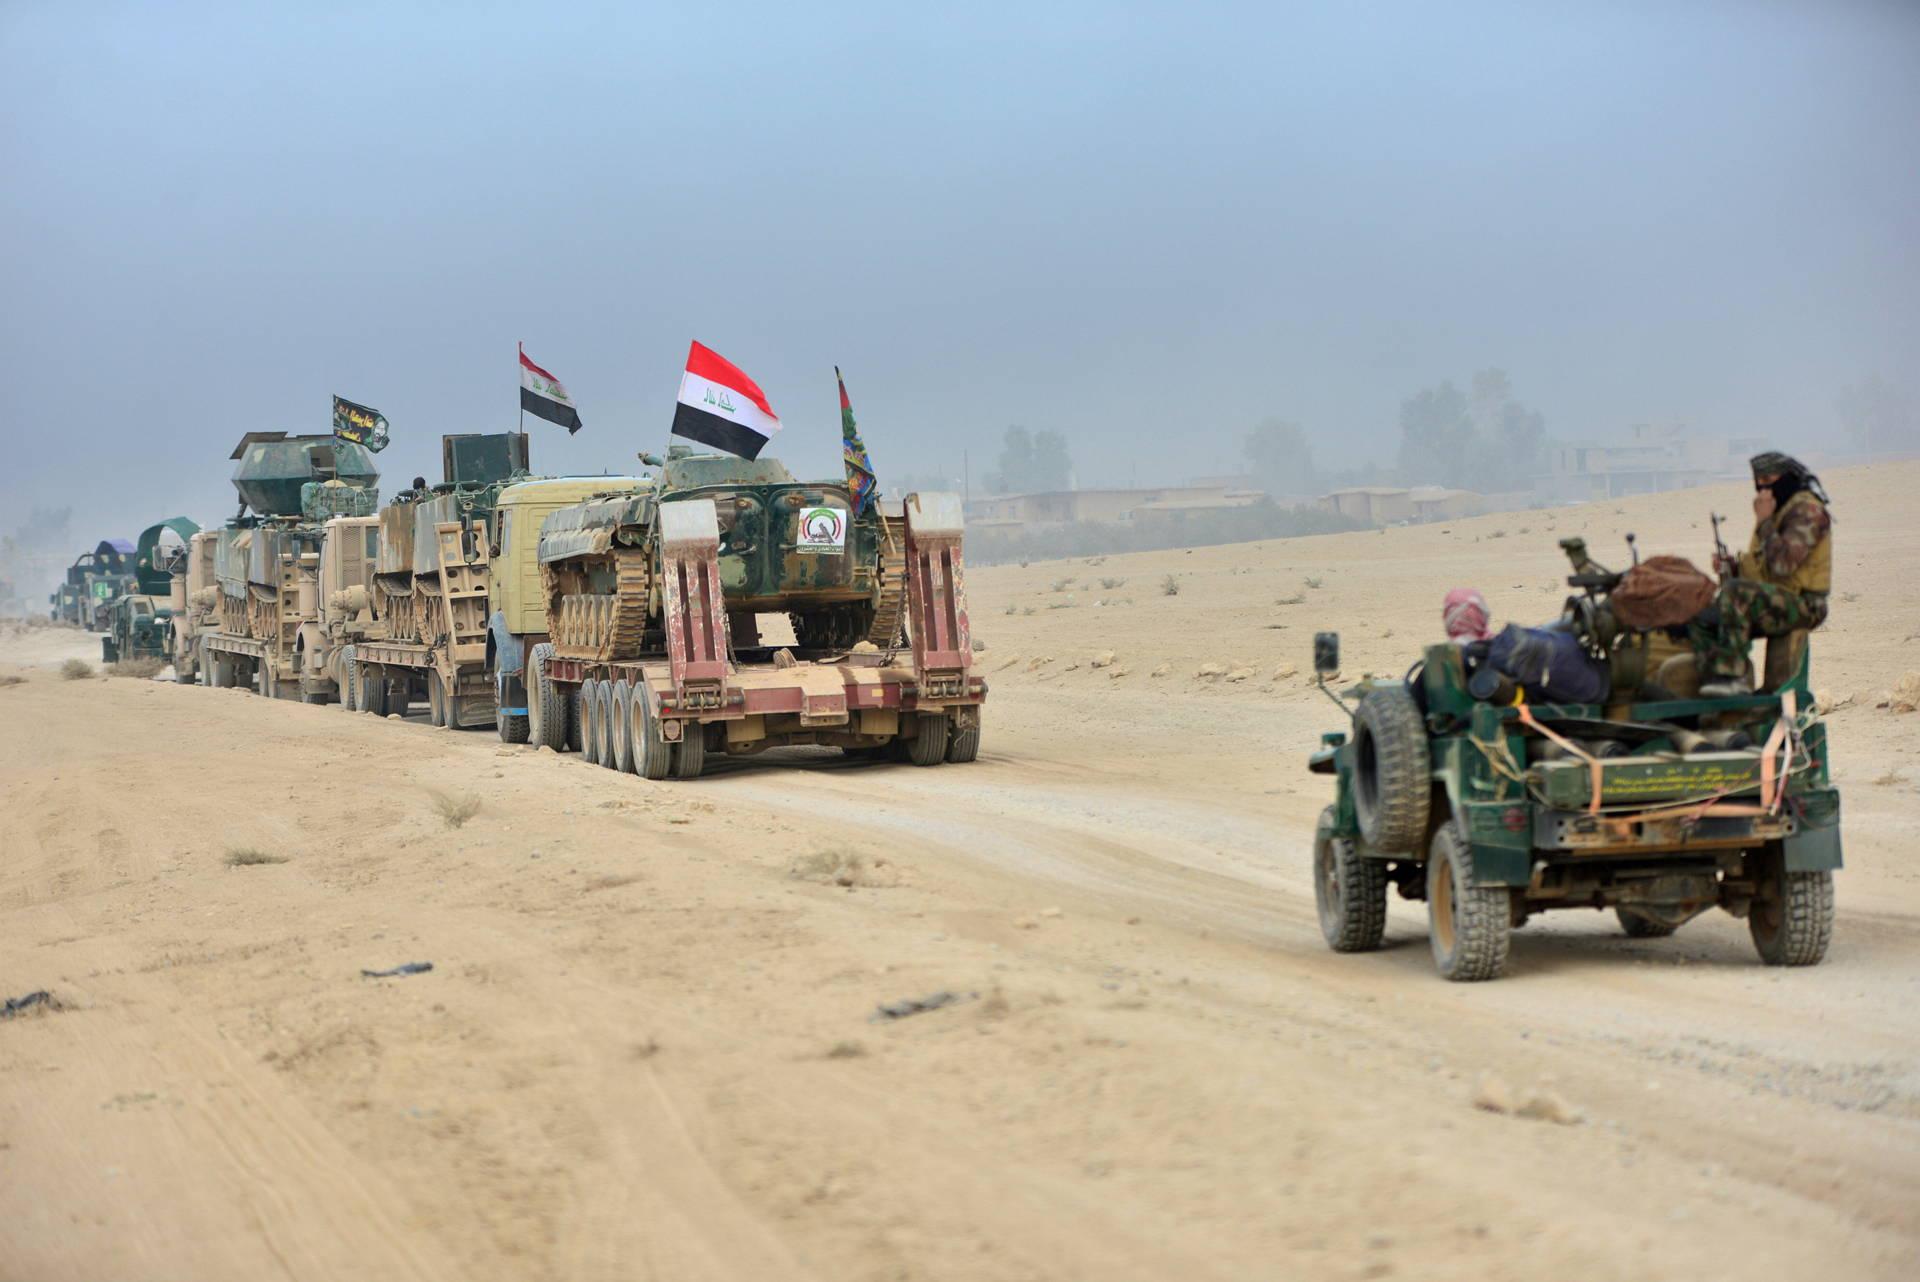 En su intento por expulsar al Estado Islámico, las tropas de élite avanzaron hasta la frontera oriental de la ciudad